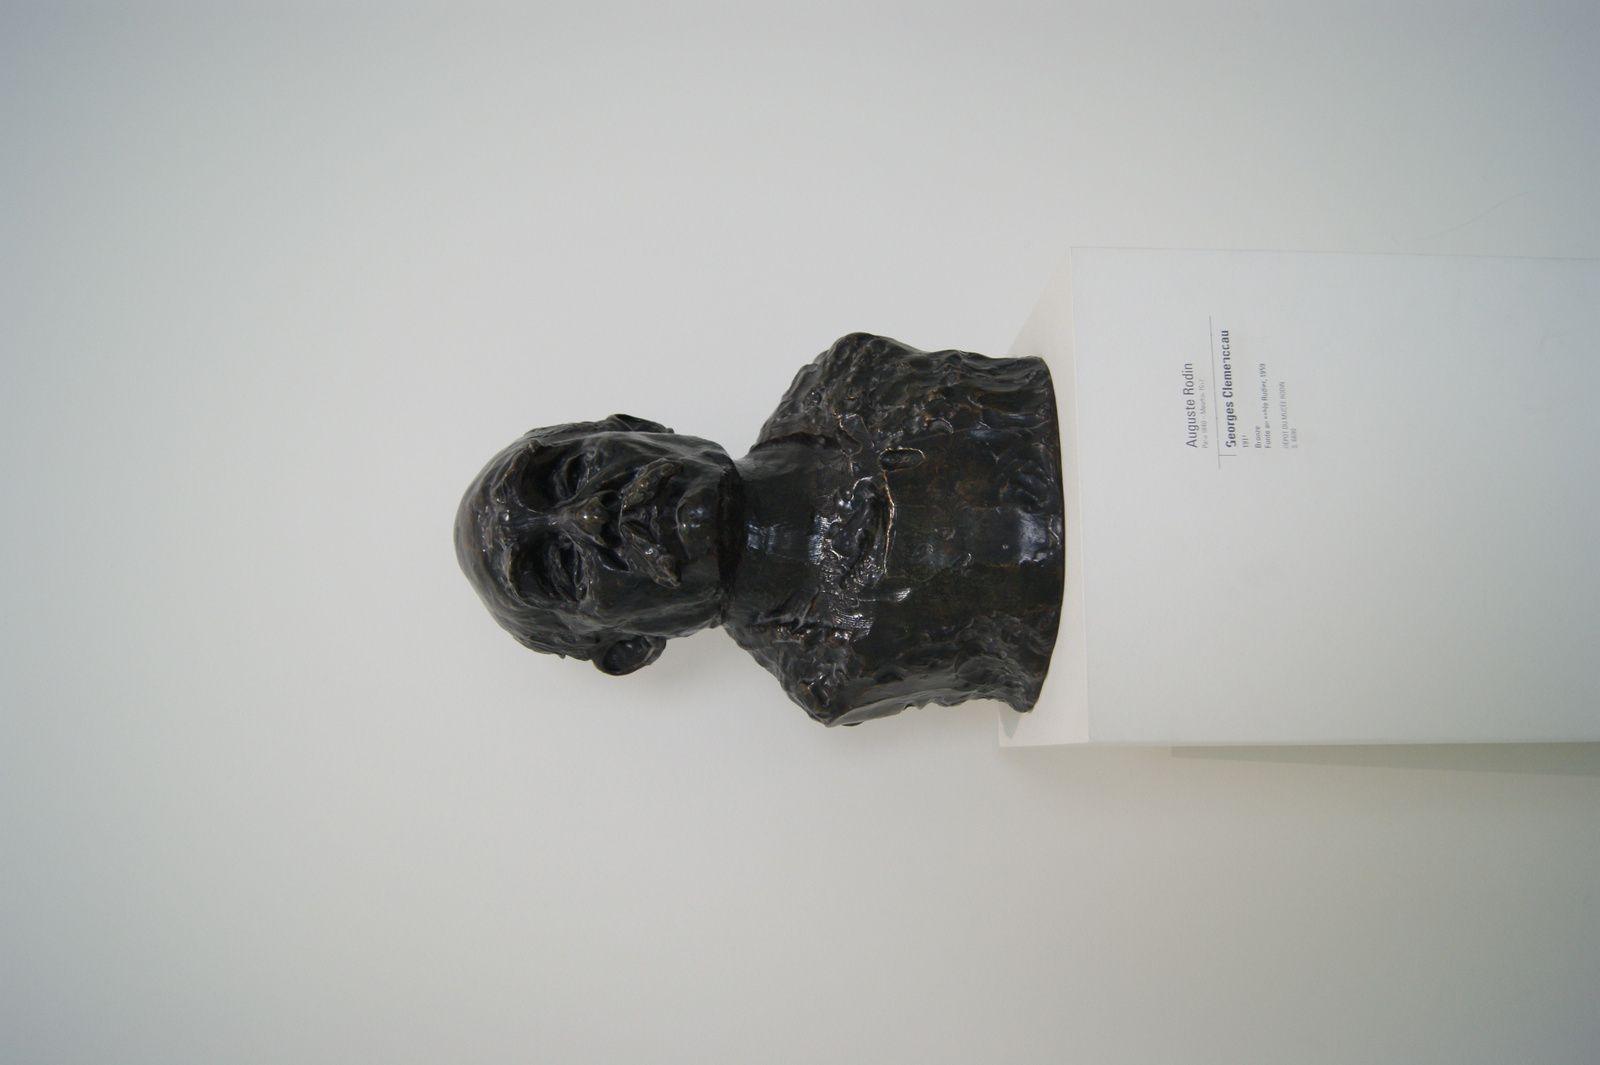 Auguste Rodin Paris 1840 / George Clemenceau 1911 Bronze / Fonte au sable Rudier 1959 / Dépôt Musée Rodin